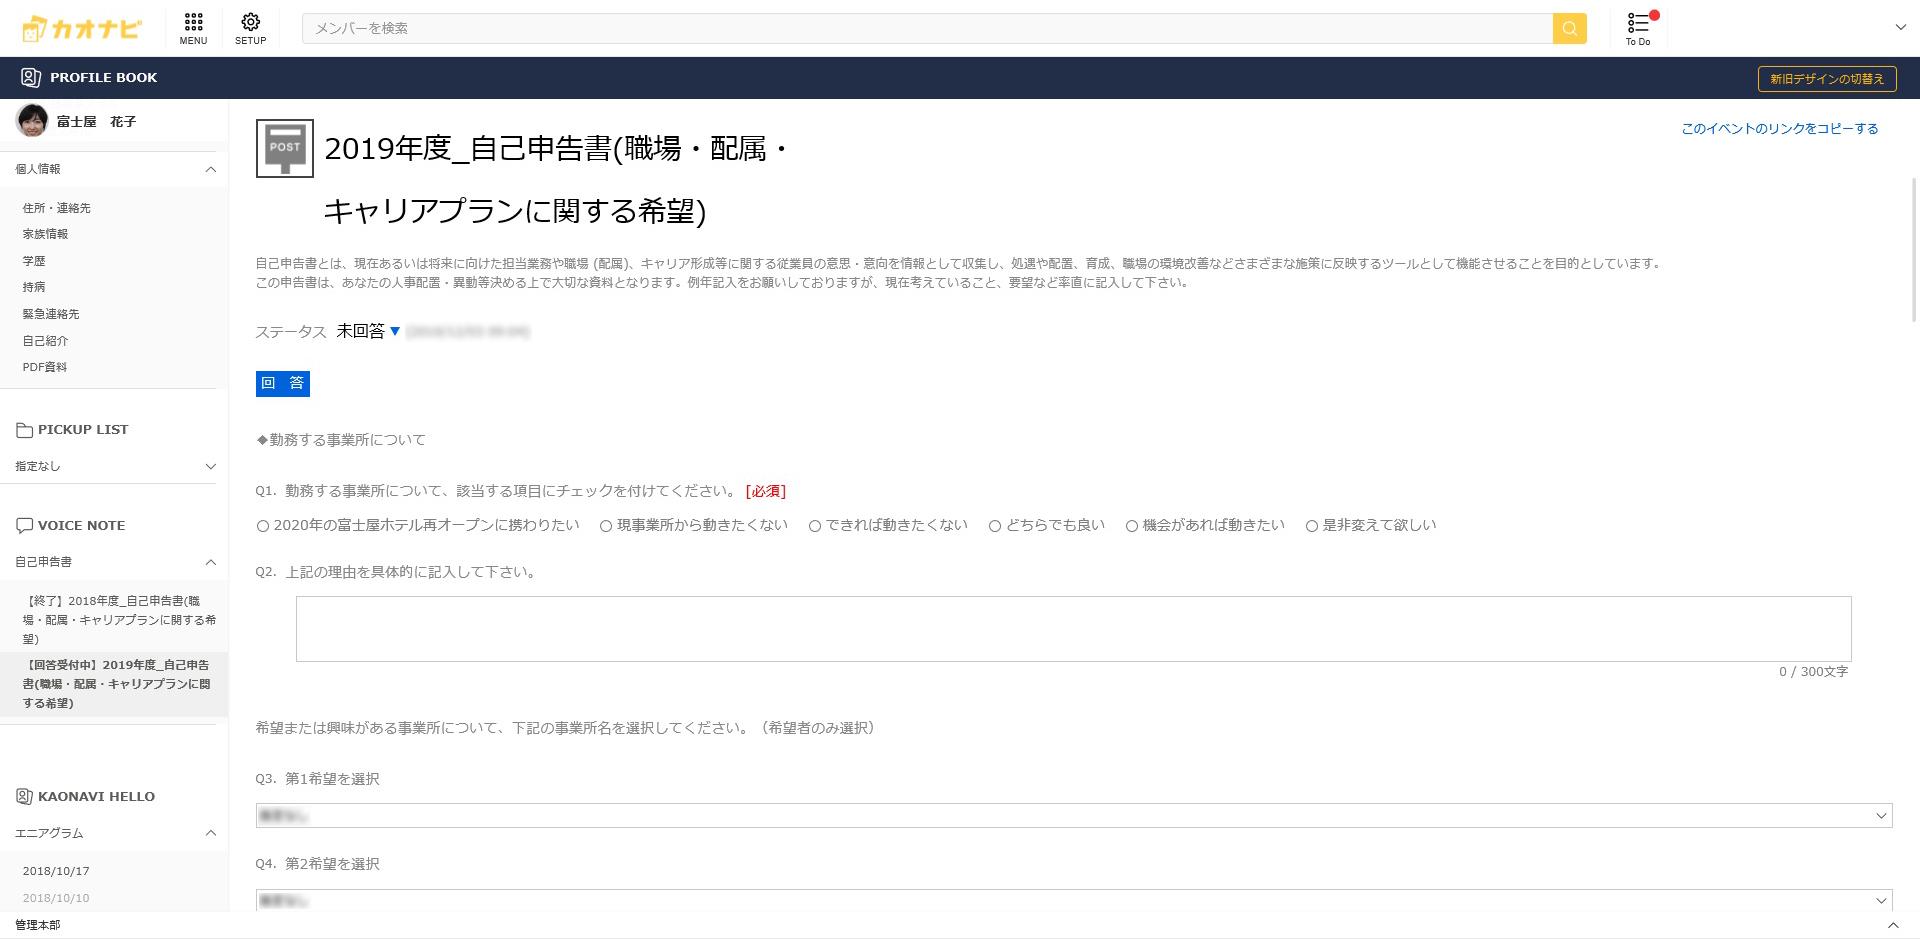 ▲富士屋ホテルのカオナビ使用画面【VOICE NOTE】(※データは全て一例です。実際の社員情報や使用データとは関係がありません)